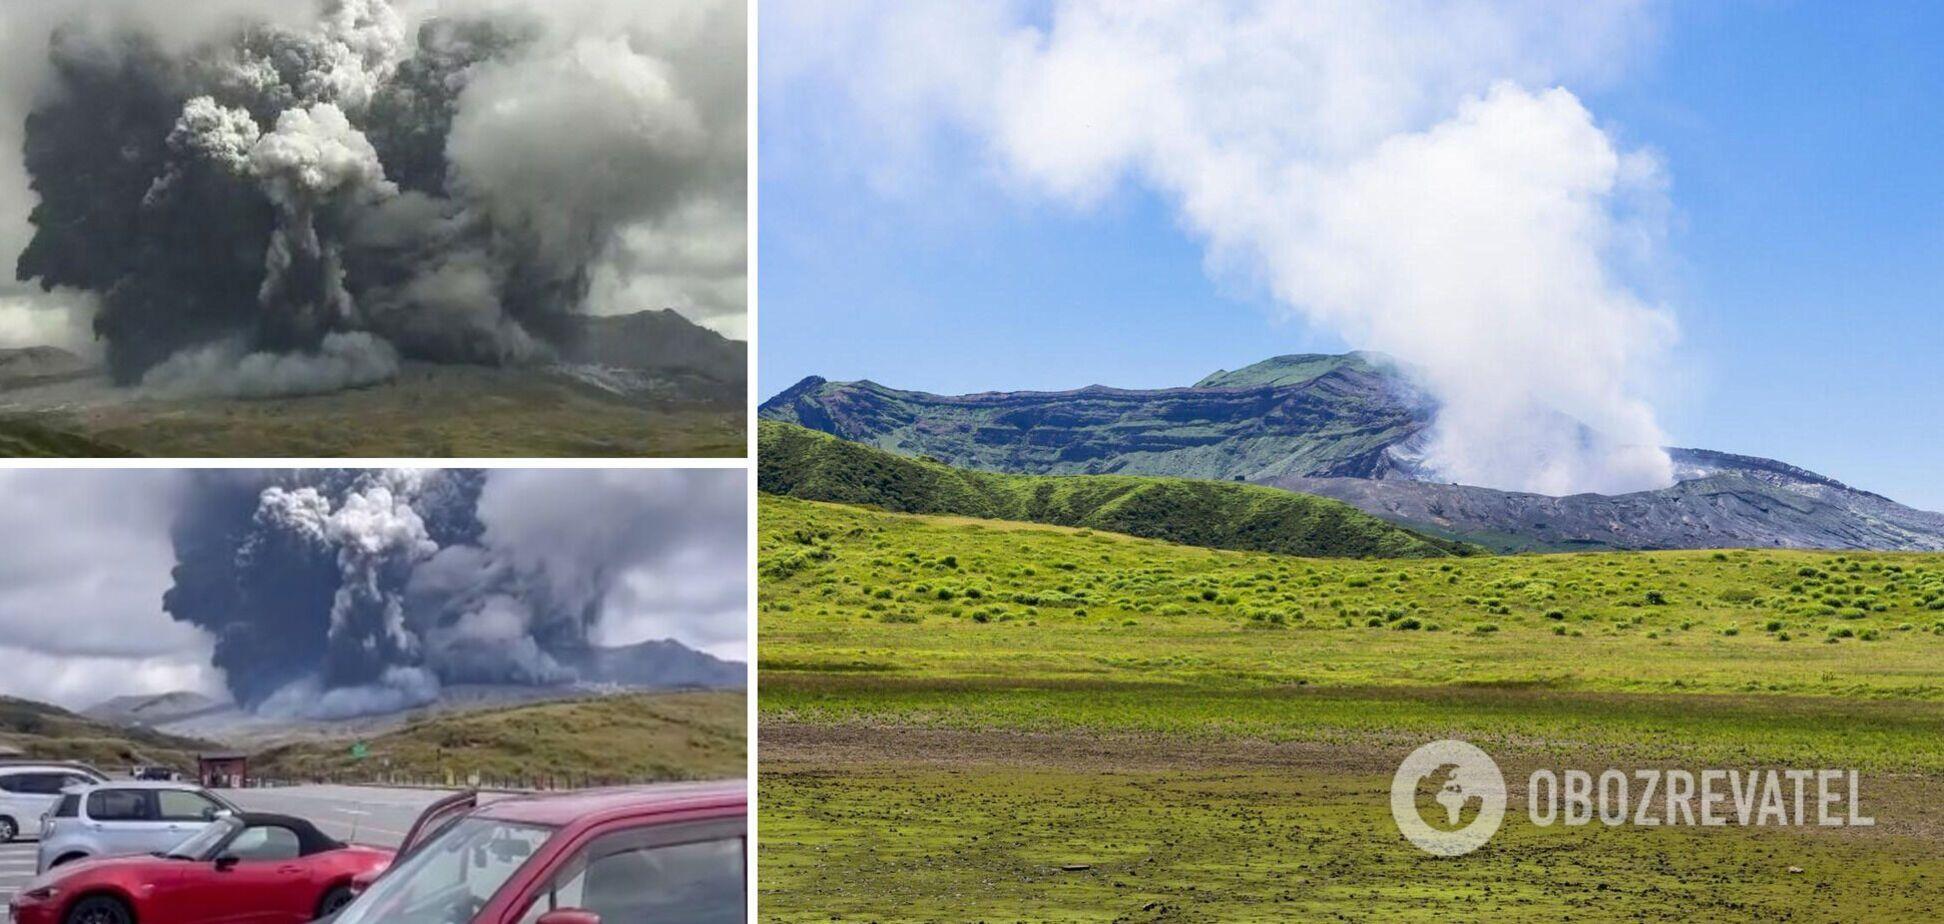 У Японії почалося виверження вулкана Асо: викинув стовп попелу заввишки понад три кілометри. Відео